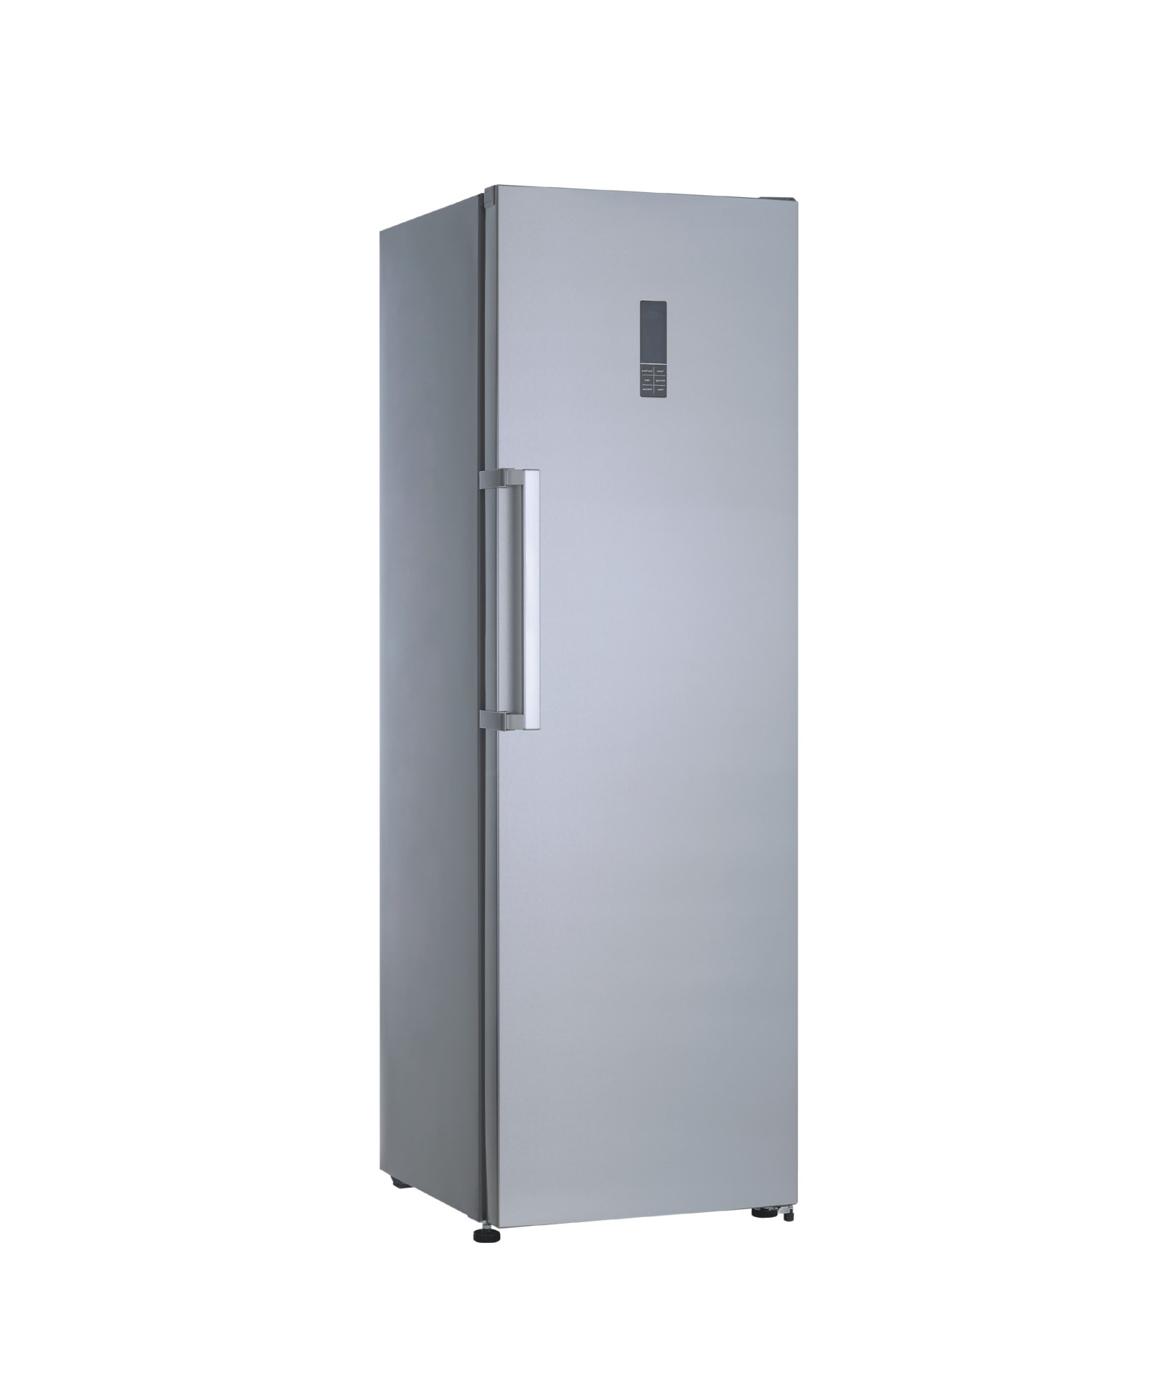 0利率HAWRIN華菱直立式冰櫃HPBD-300WY南霸天電器百貨